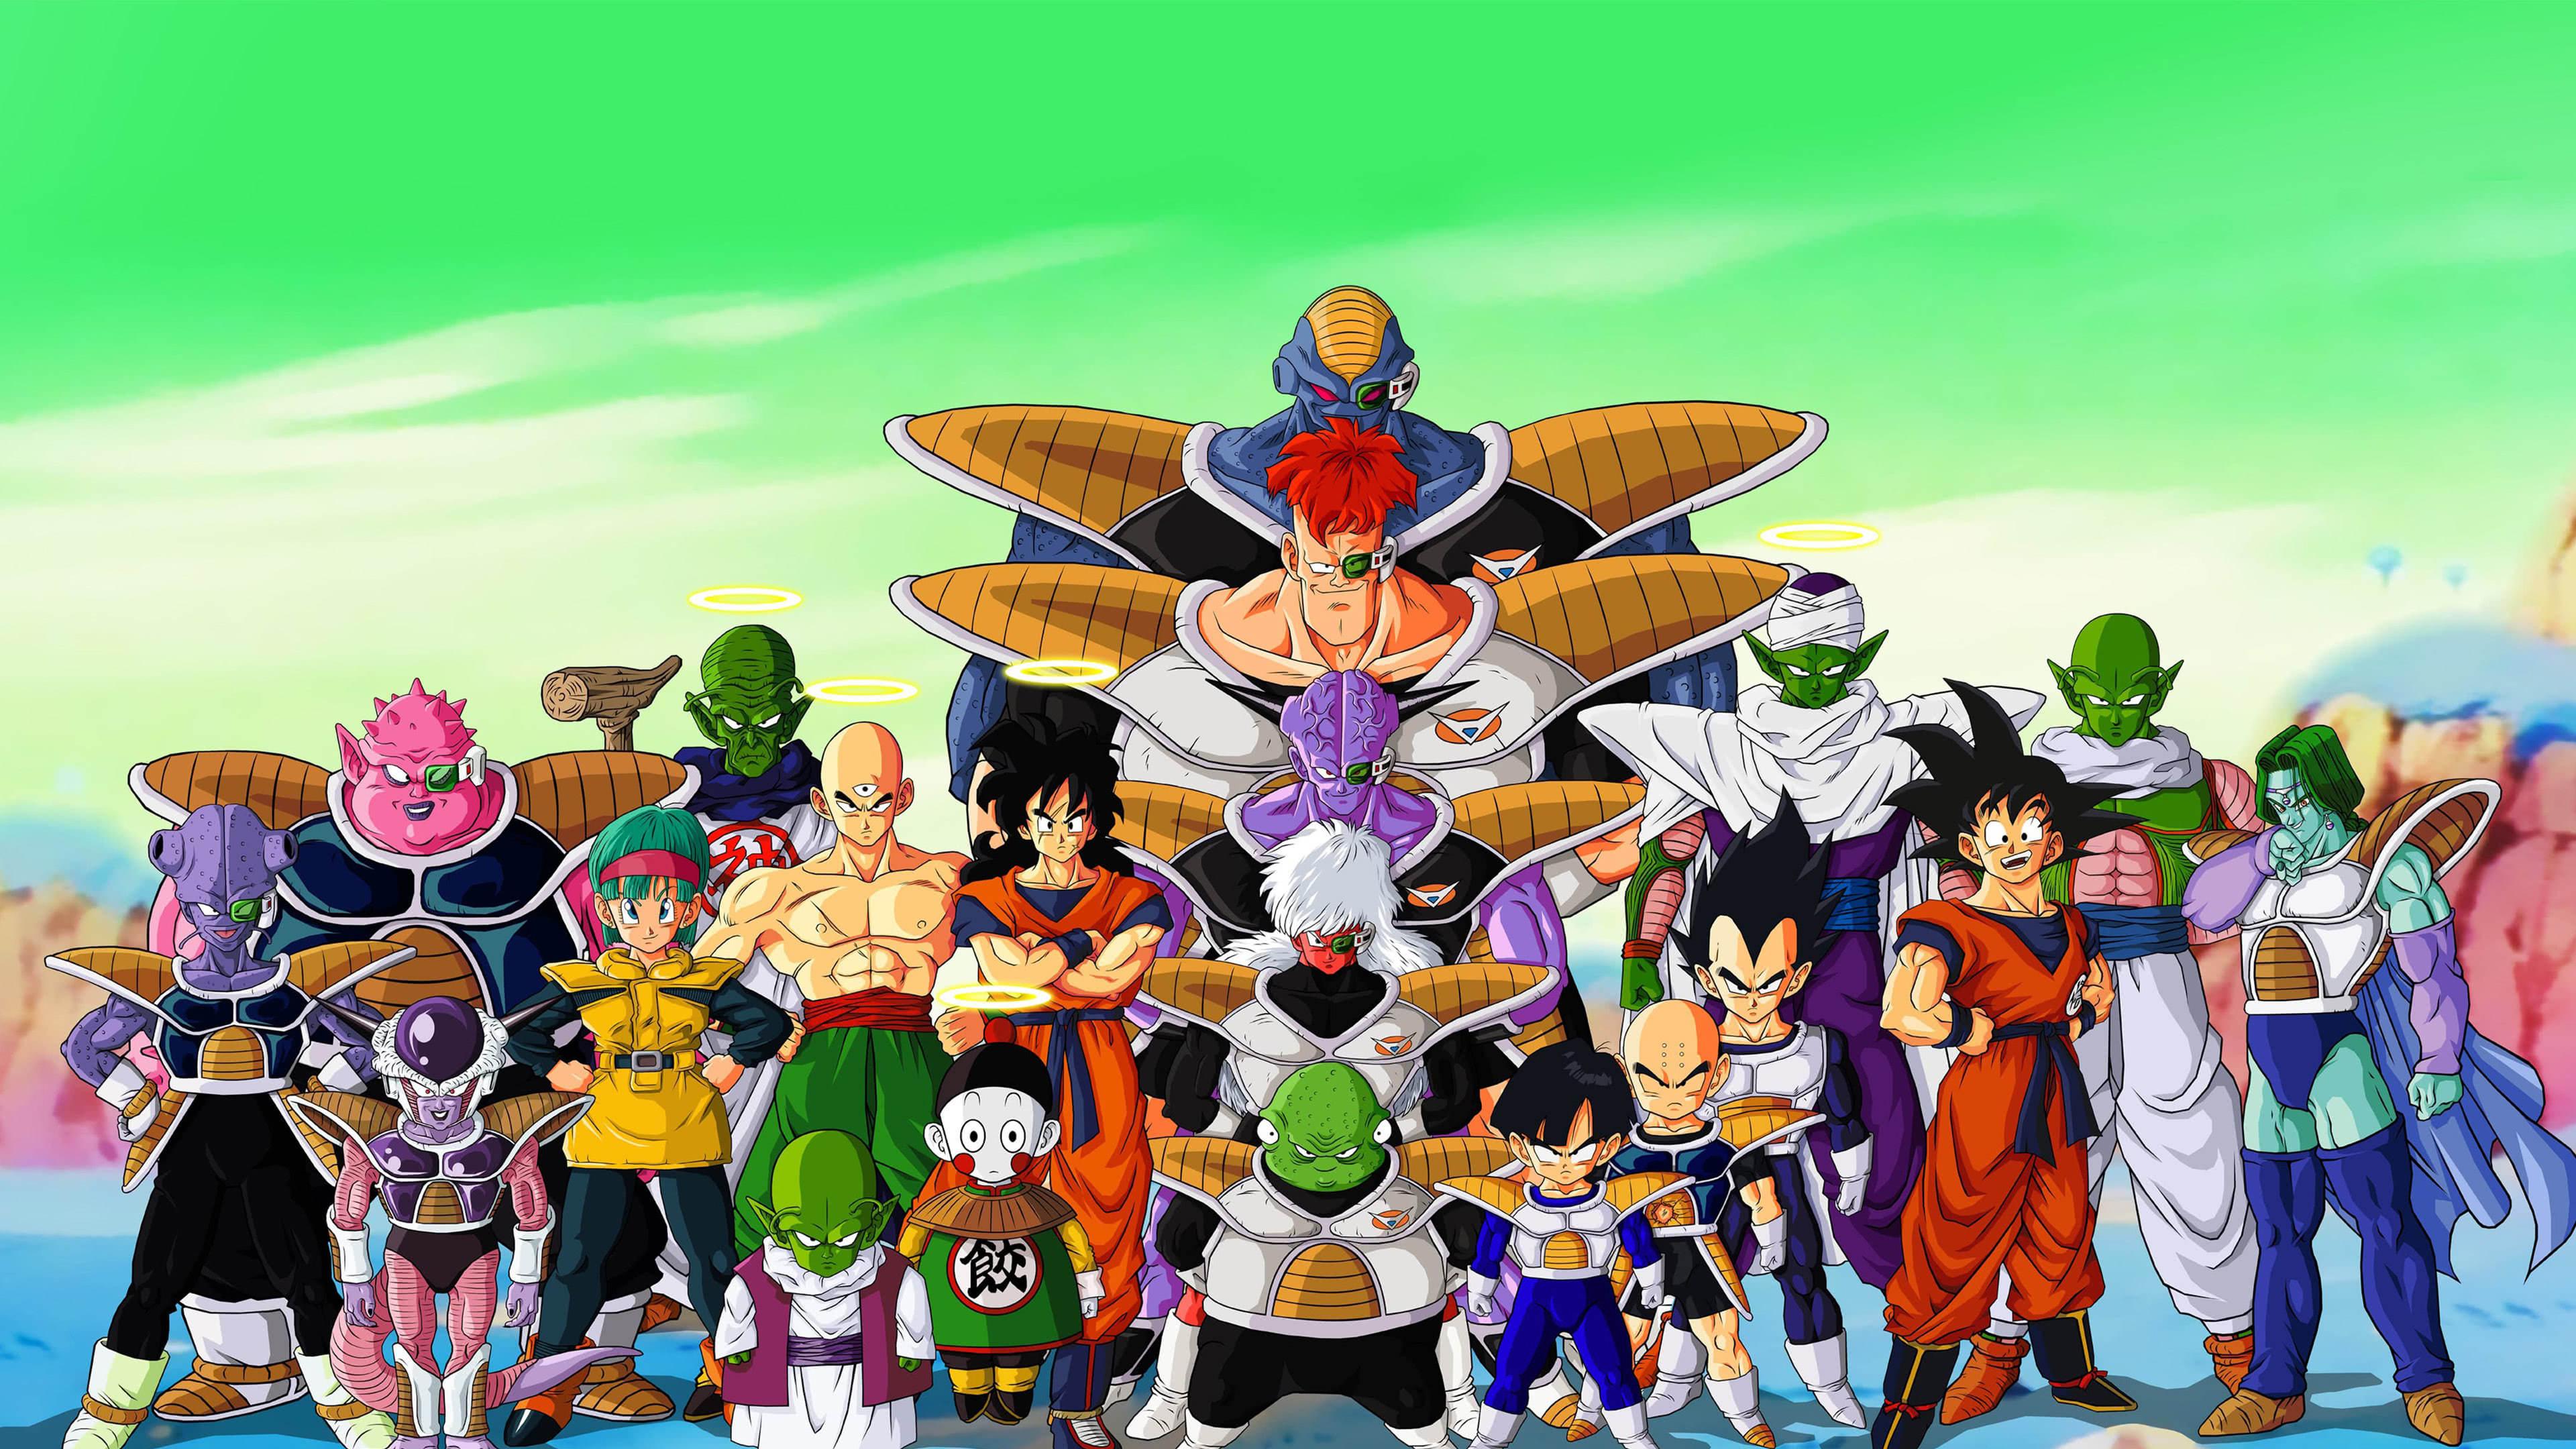 Hình nền Dragon Ball nhiều nhân vật đứng chung